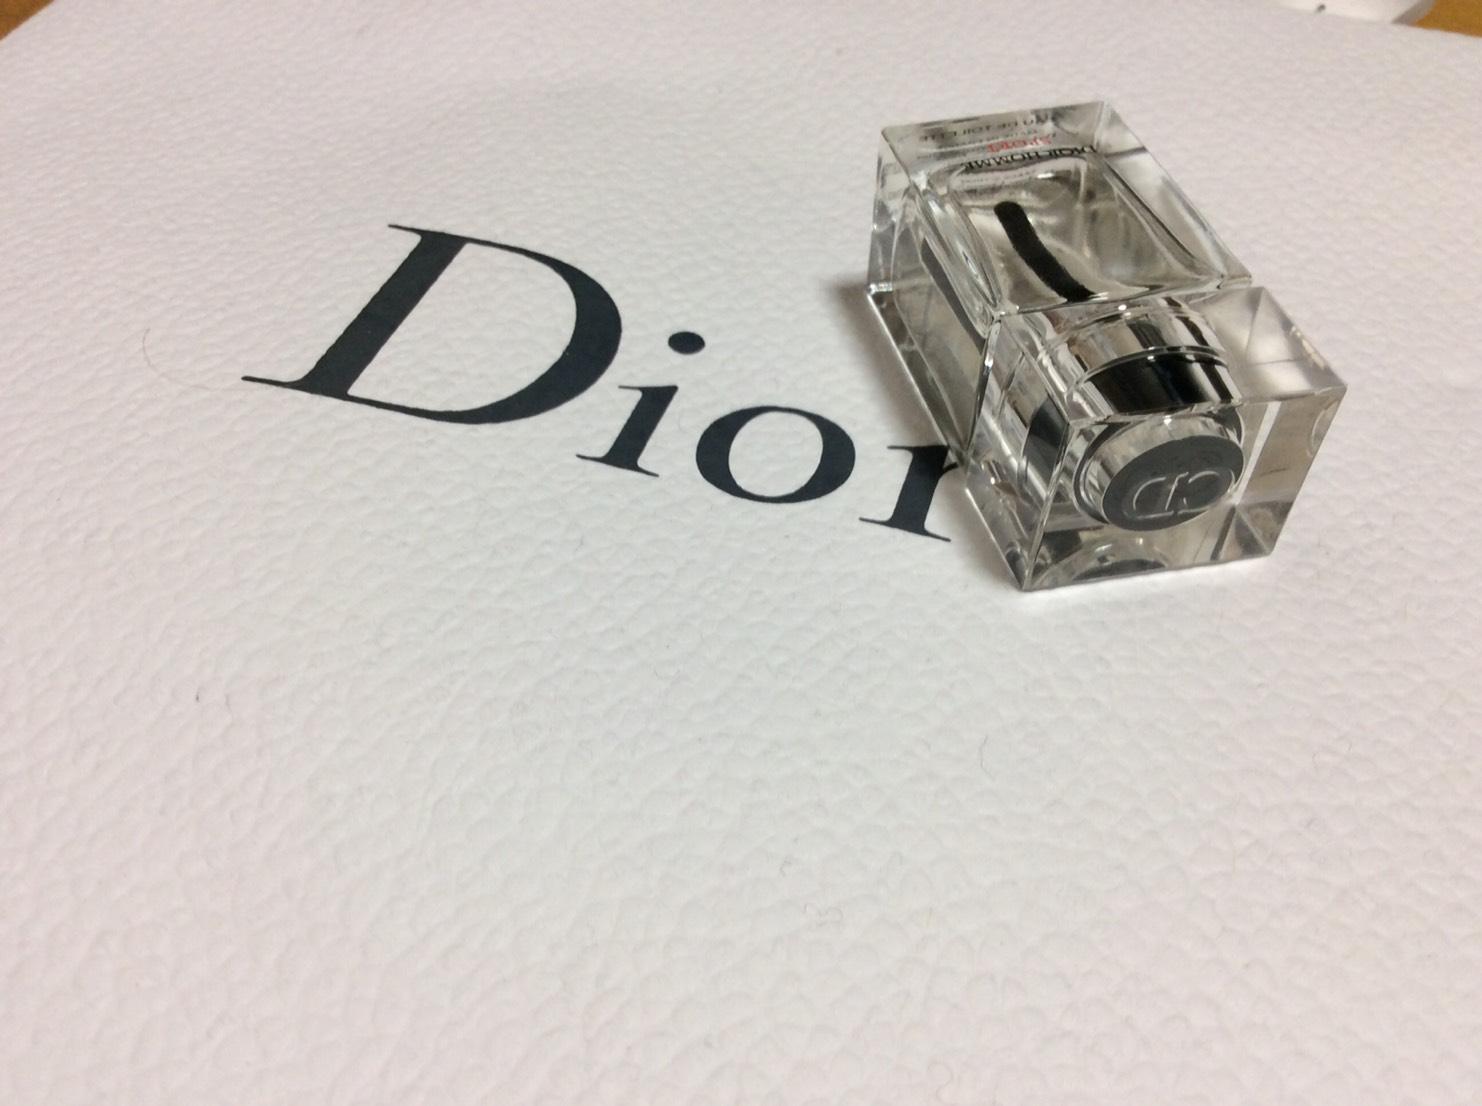 Dior オム スポーツ オードゥトワレ ミニチュア